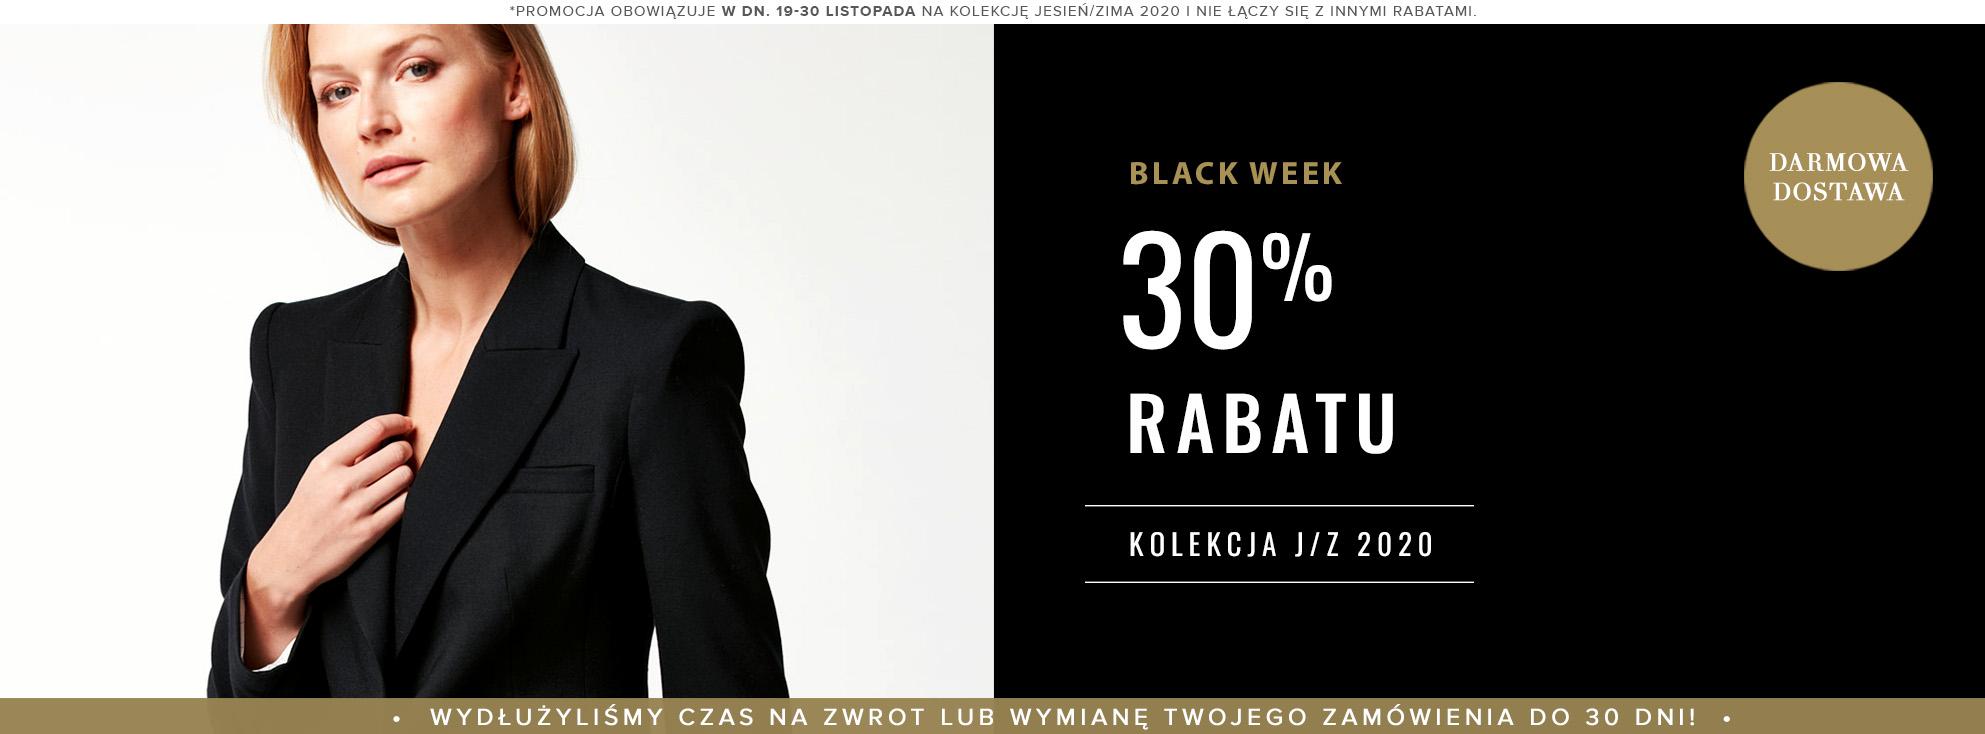 Patrizia Aryton: Black Week 30% rabatu na ekskluzywną odzież damską